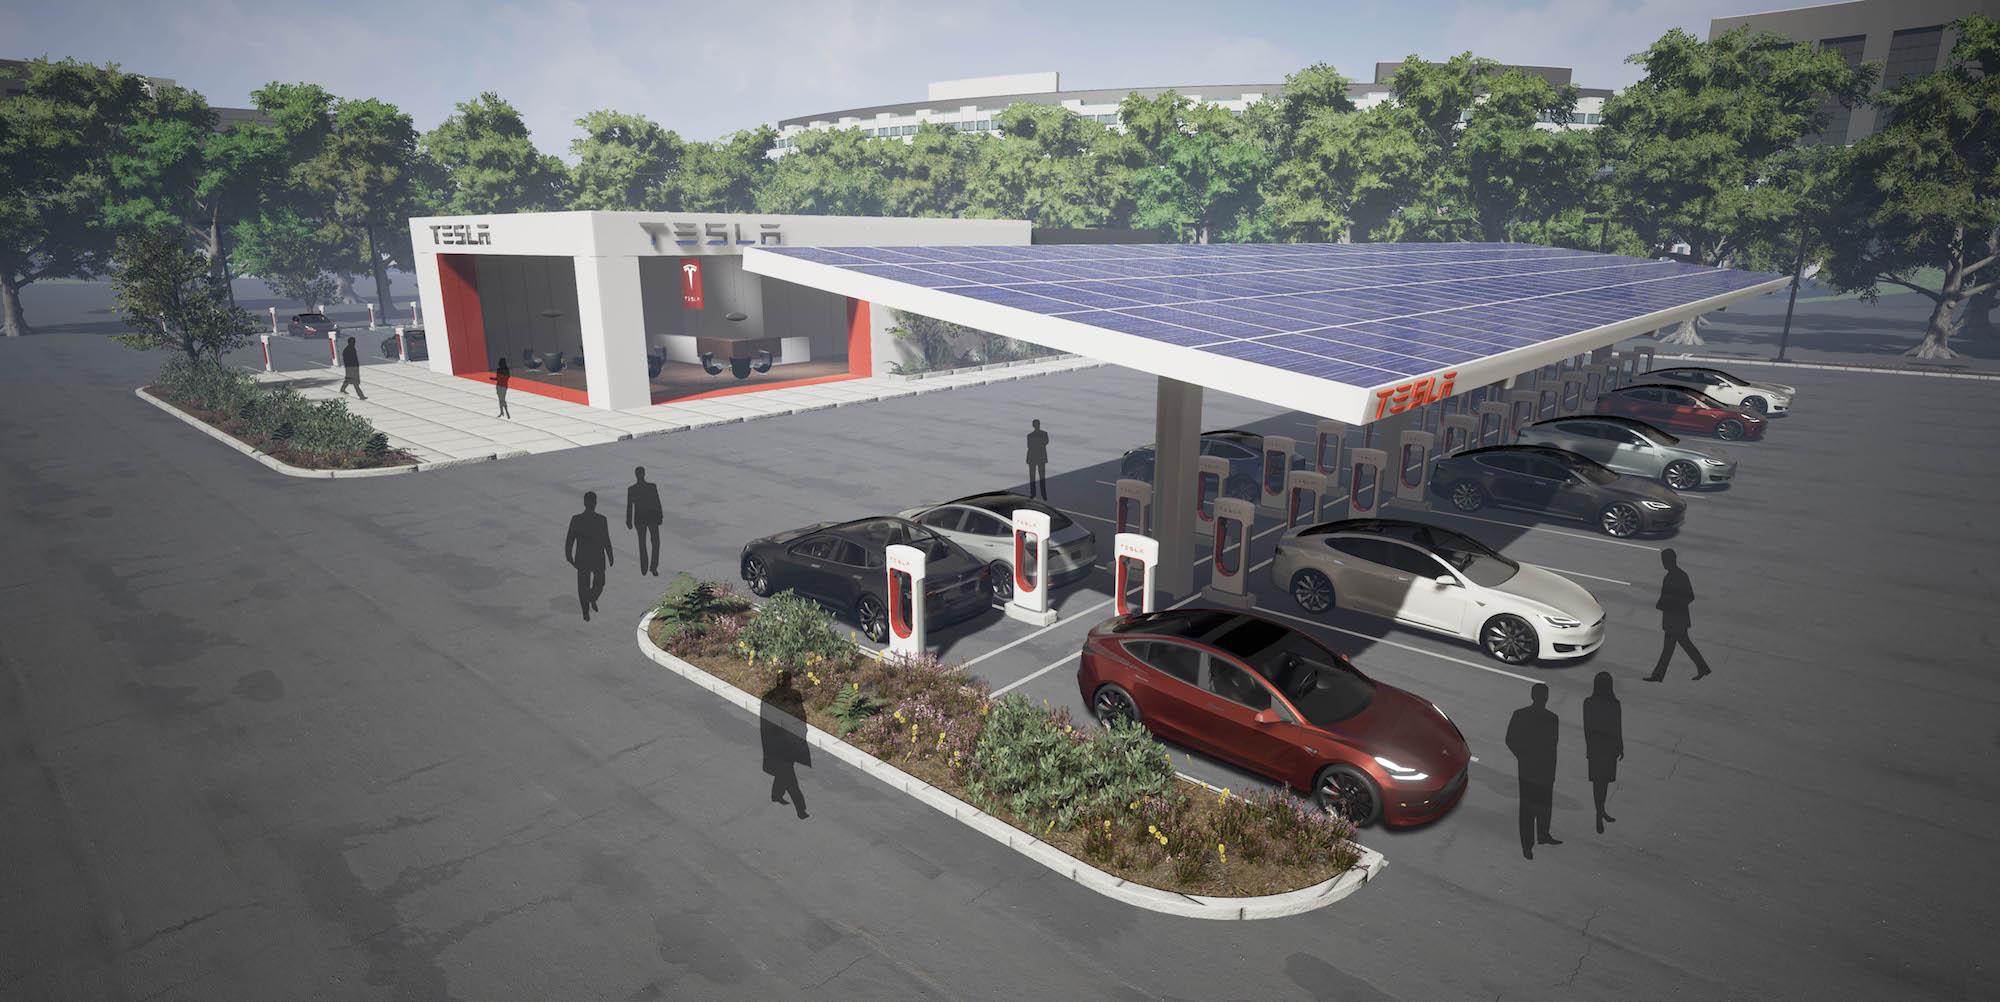 tesla, electric car, tesla supercharger